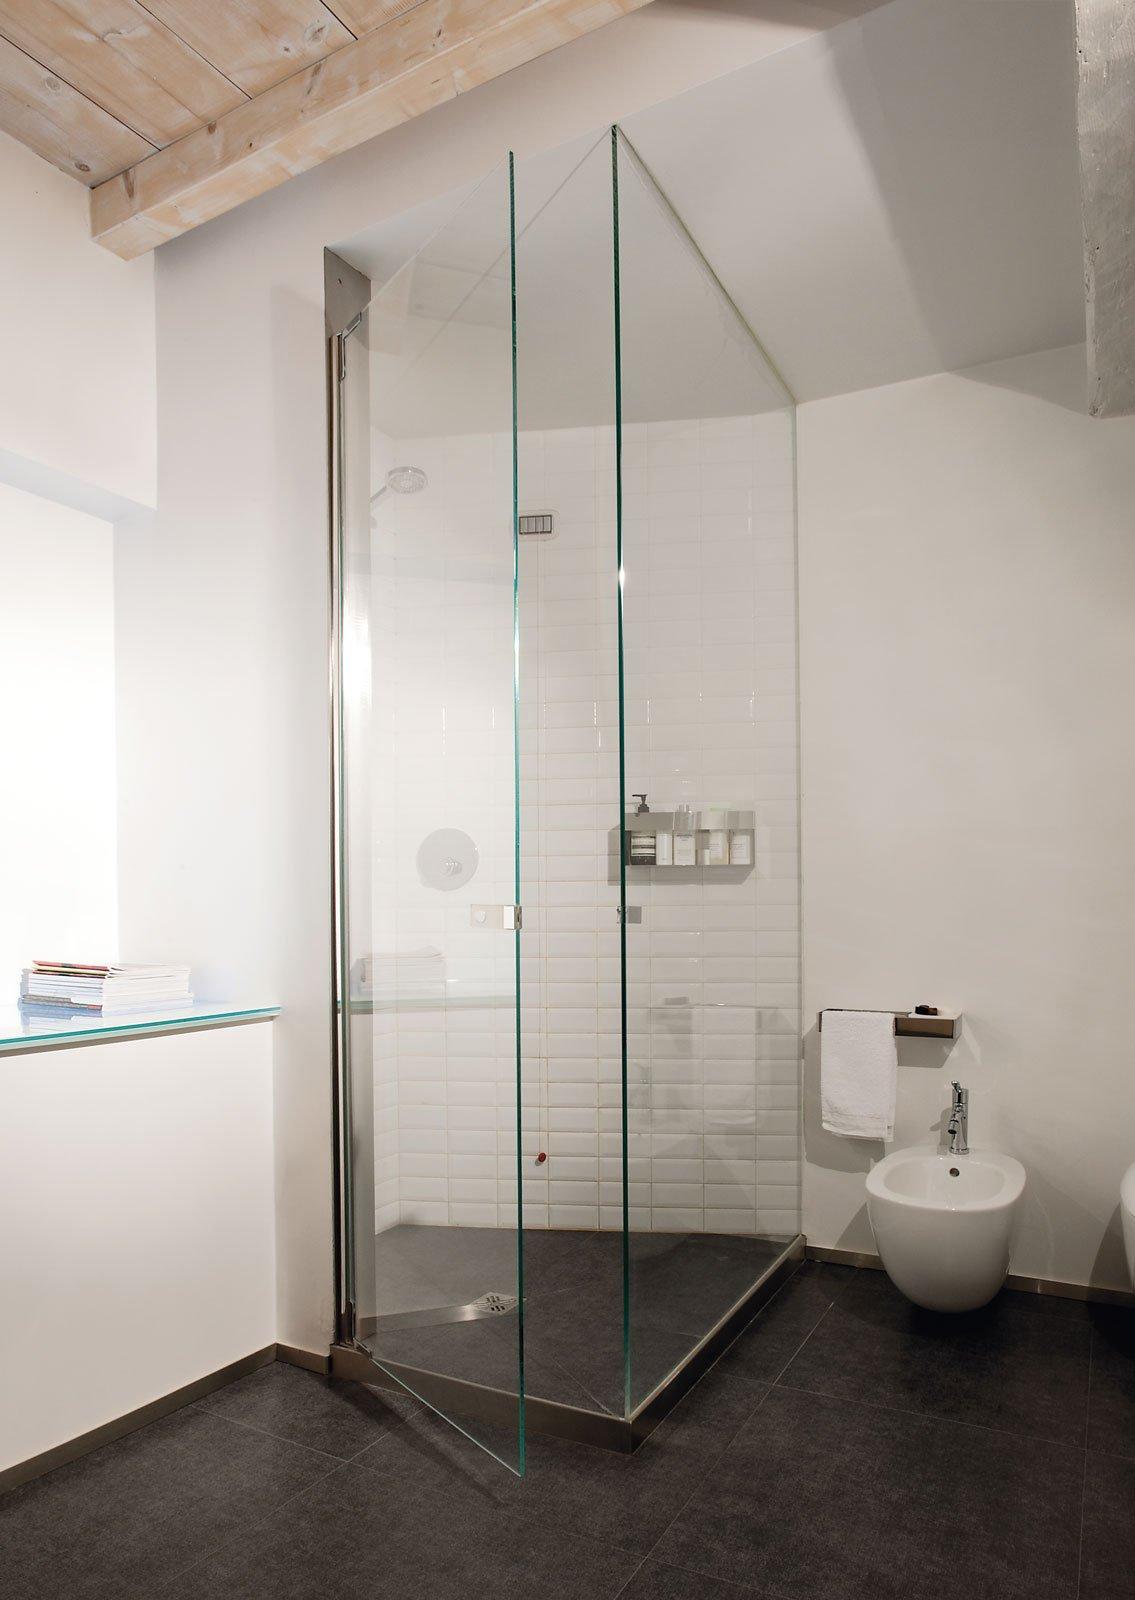 Speciale doccia: scegli i diversi pezzi e mettili insieme! - Cose ...